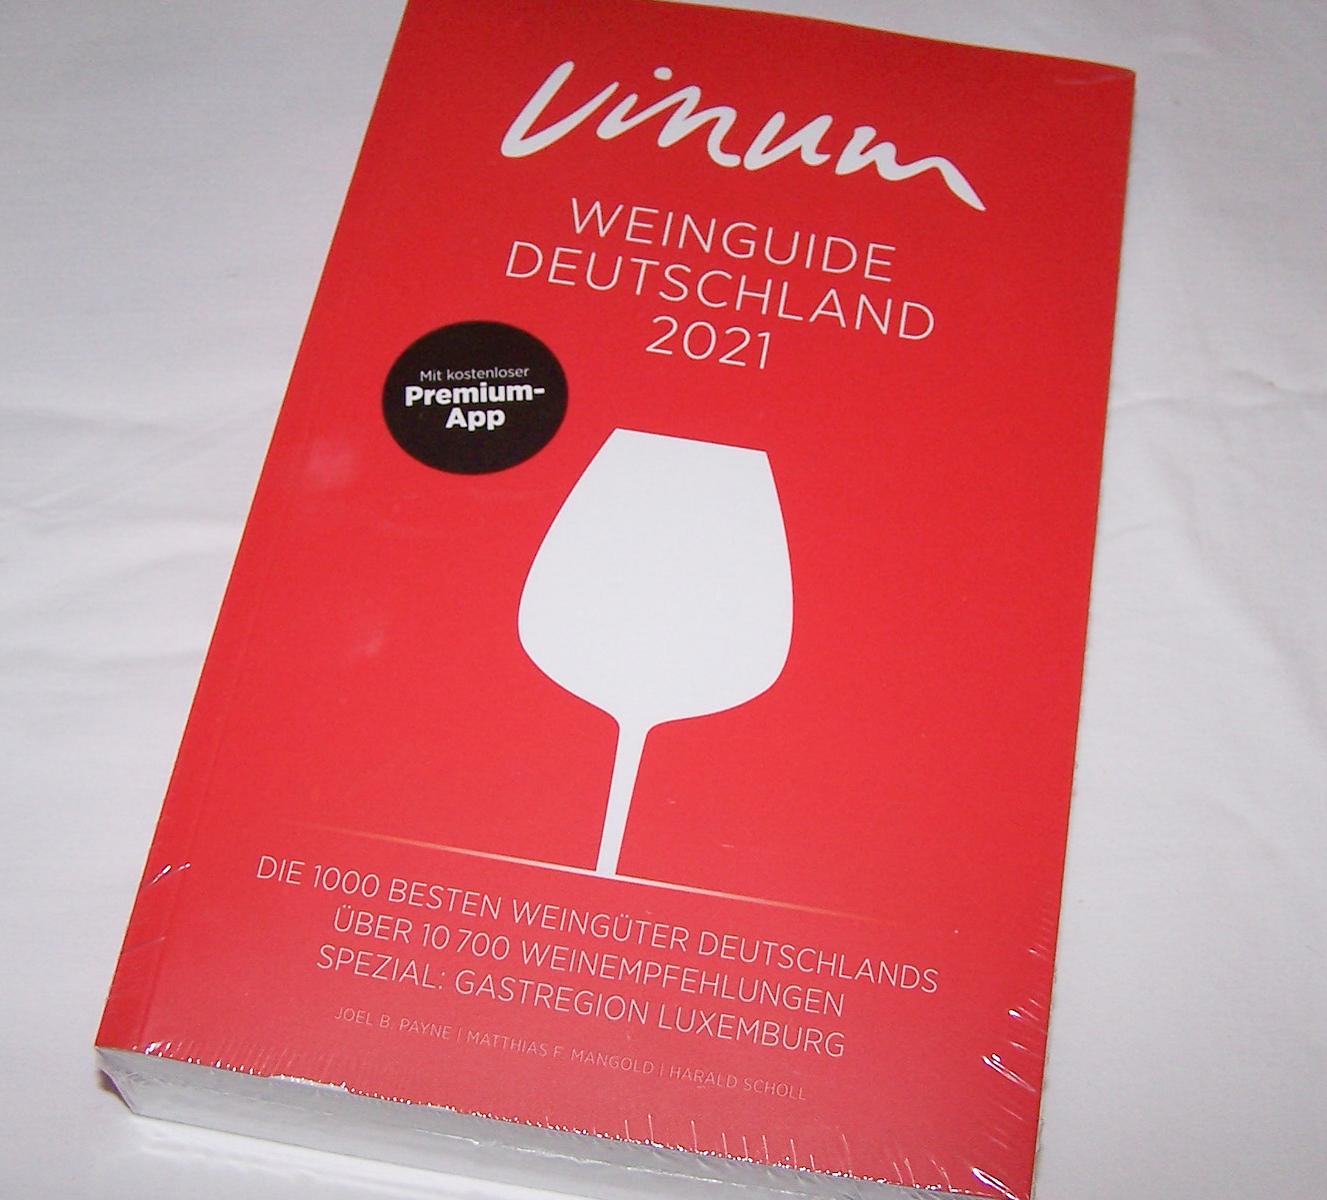 Literatur - Sachbücher - Vinum Weinguide Deutschland 2021 - Cover